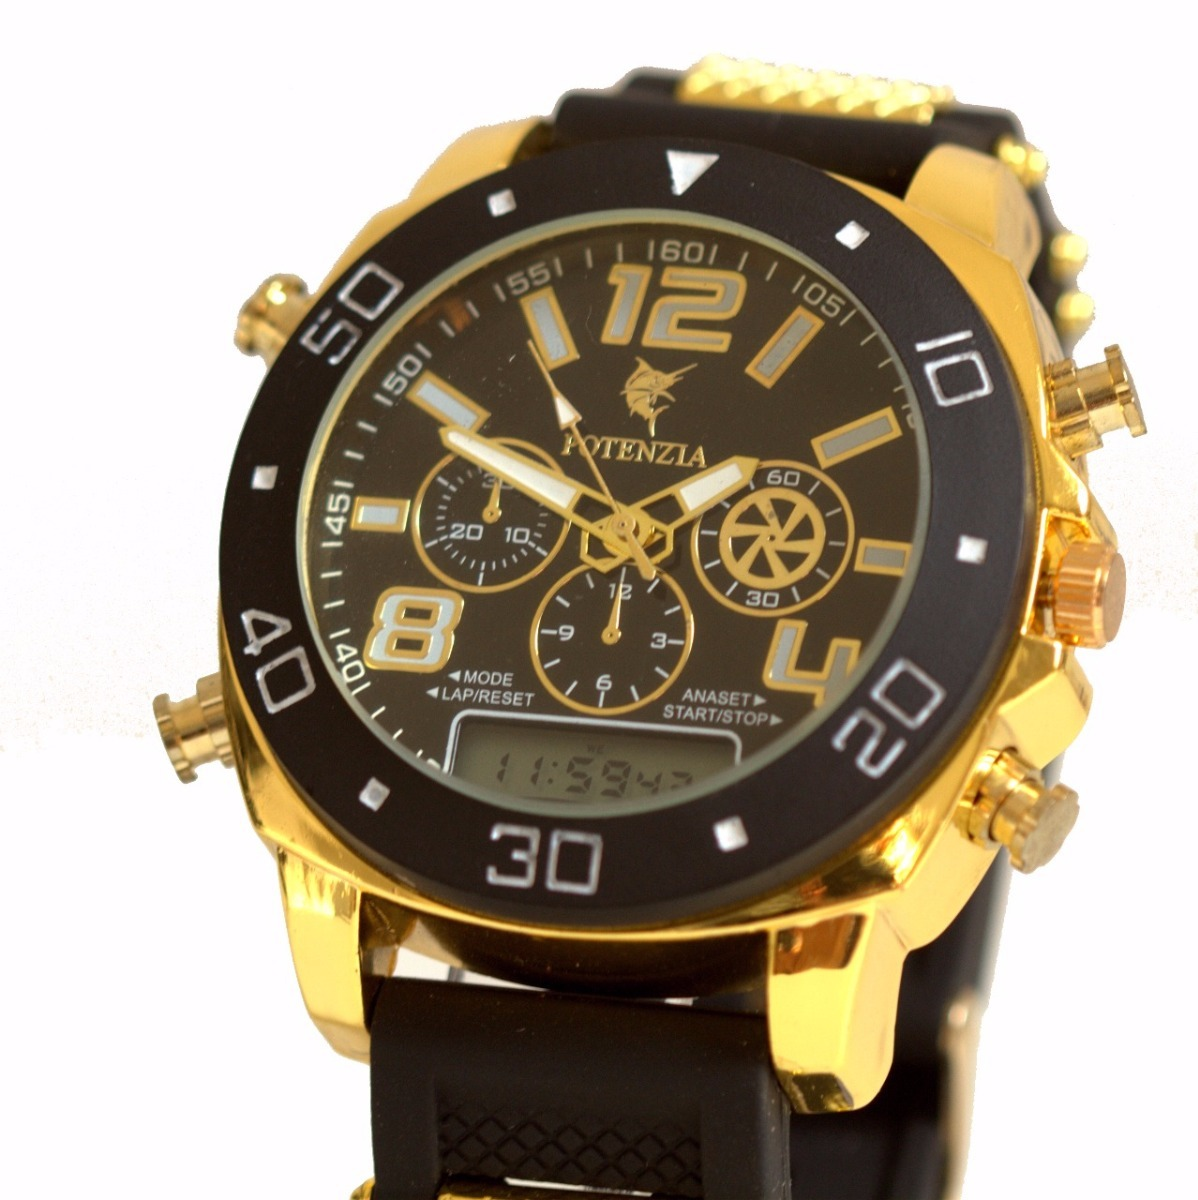 b4efdefddd2 relógio masculino militar grande barato dourado. Carregando zoom.